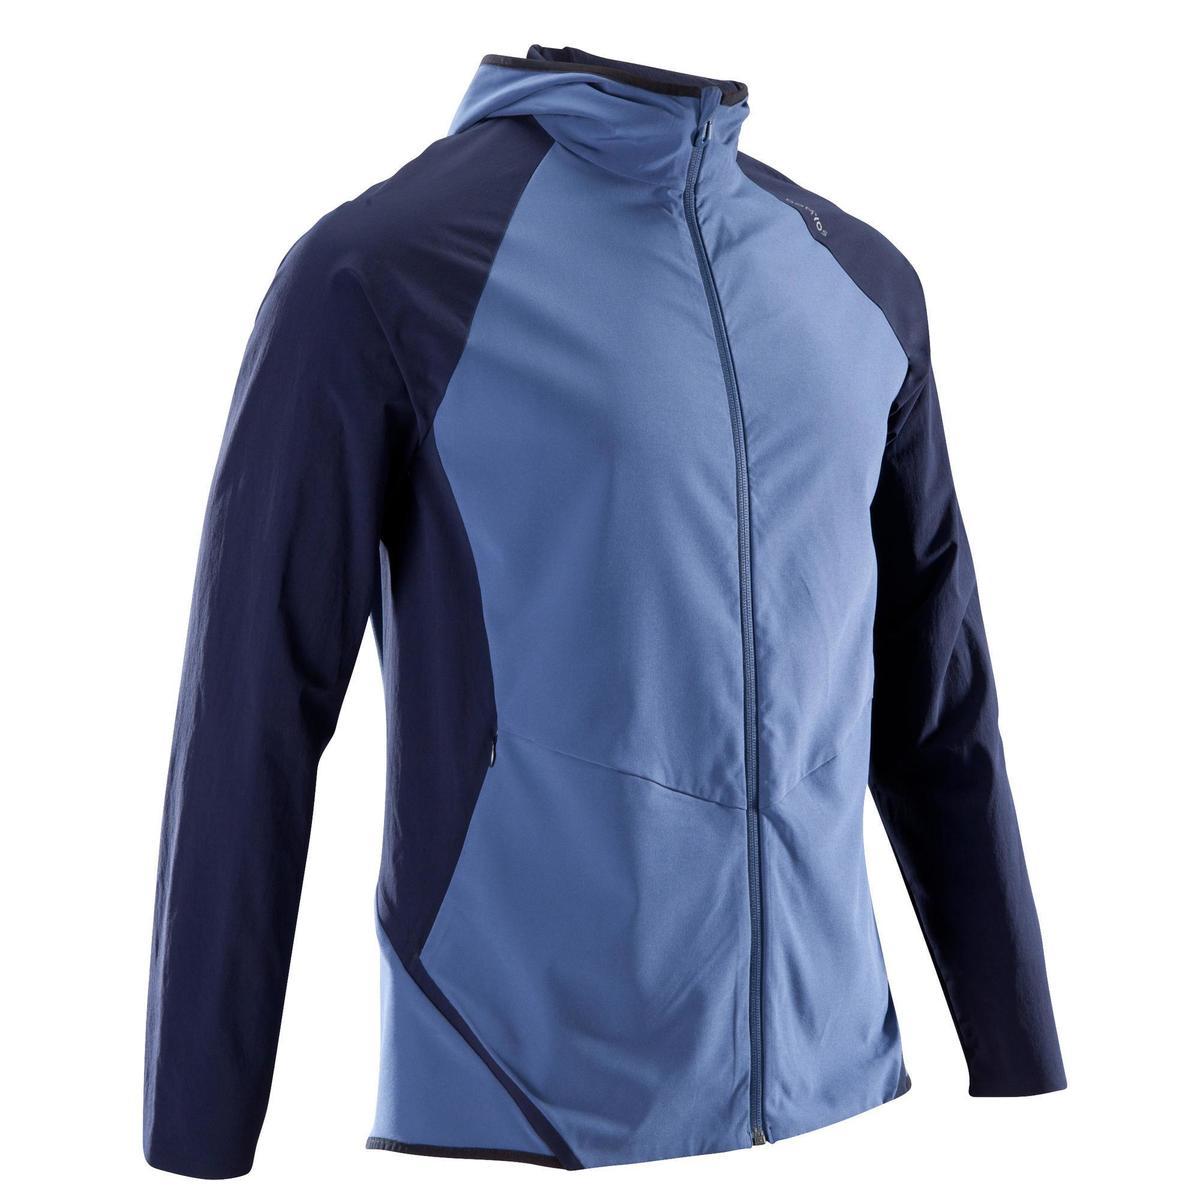 Bild 1 von Trainingsjacke Cardio 900 Herren Fitness blau/schwarz